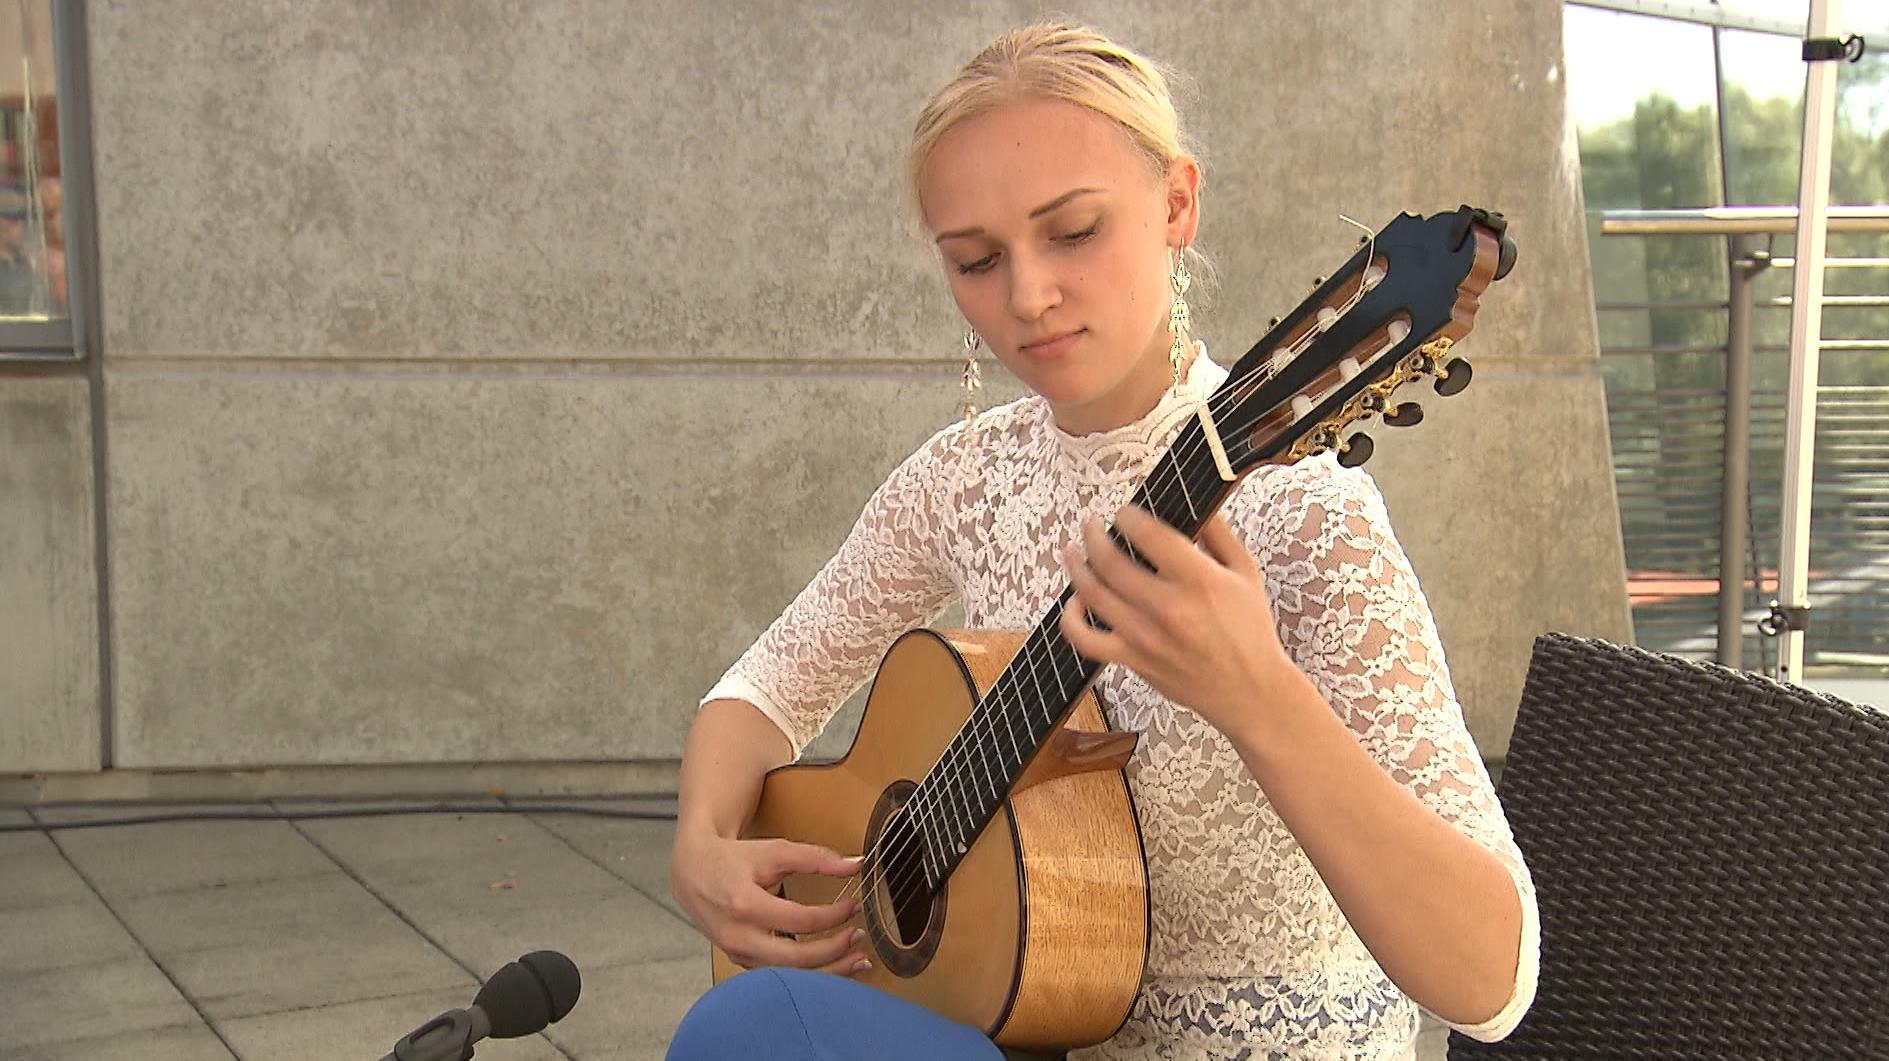 Gitarrenspielerin auf dem Hersbrucker Gitarrenfestival